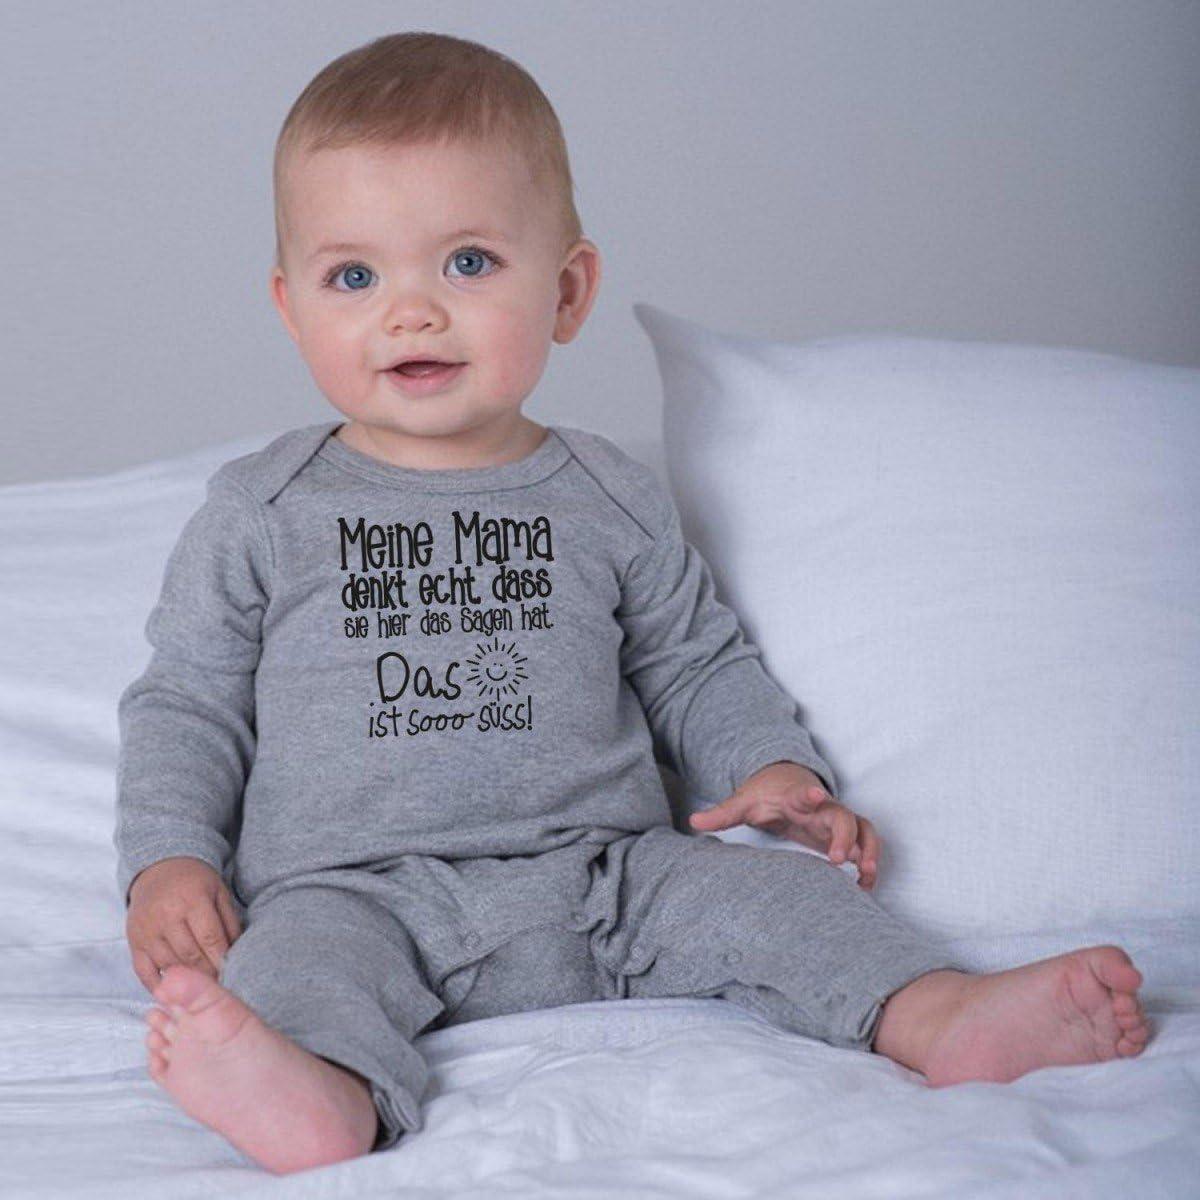 DASS sie Hier das Sagen hat. Mikalino Baby Schlafanzug Meine Mama Denkt echt